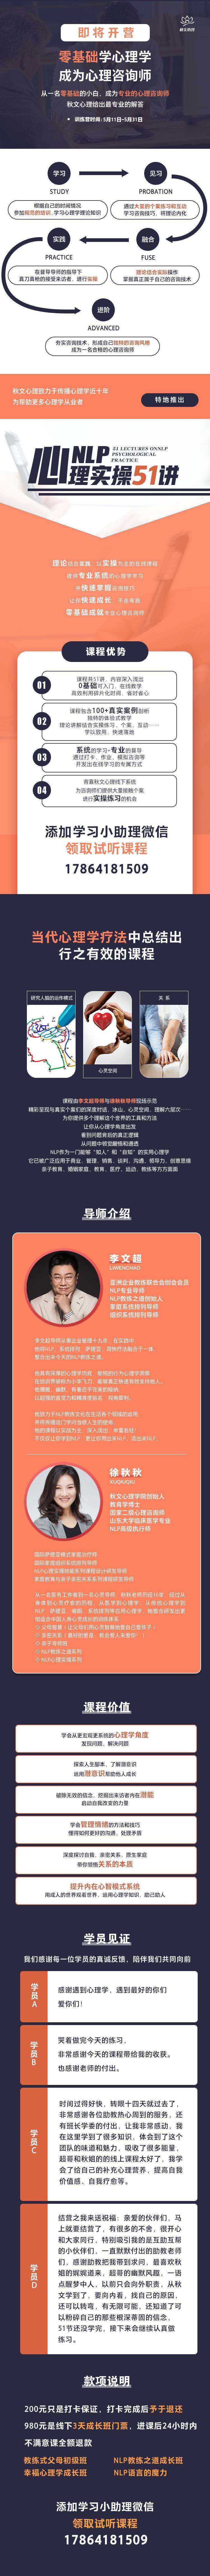 零基础心理实操5月详情页.jpg